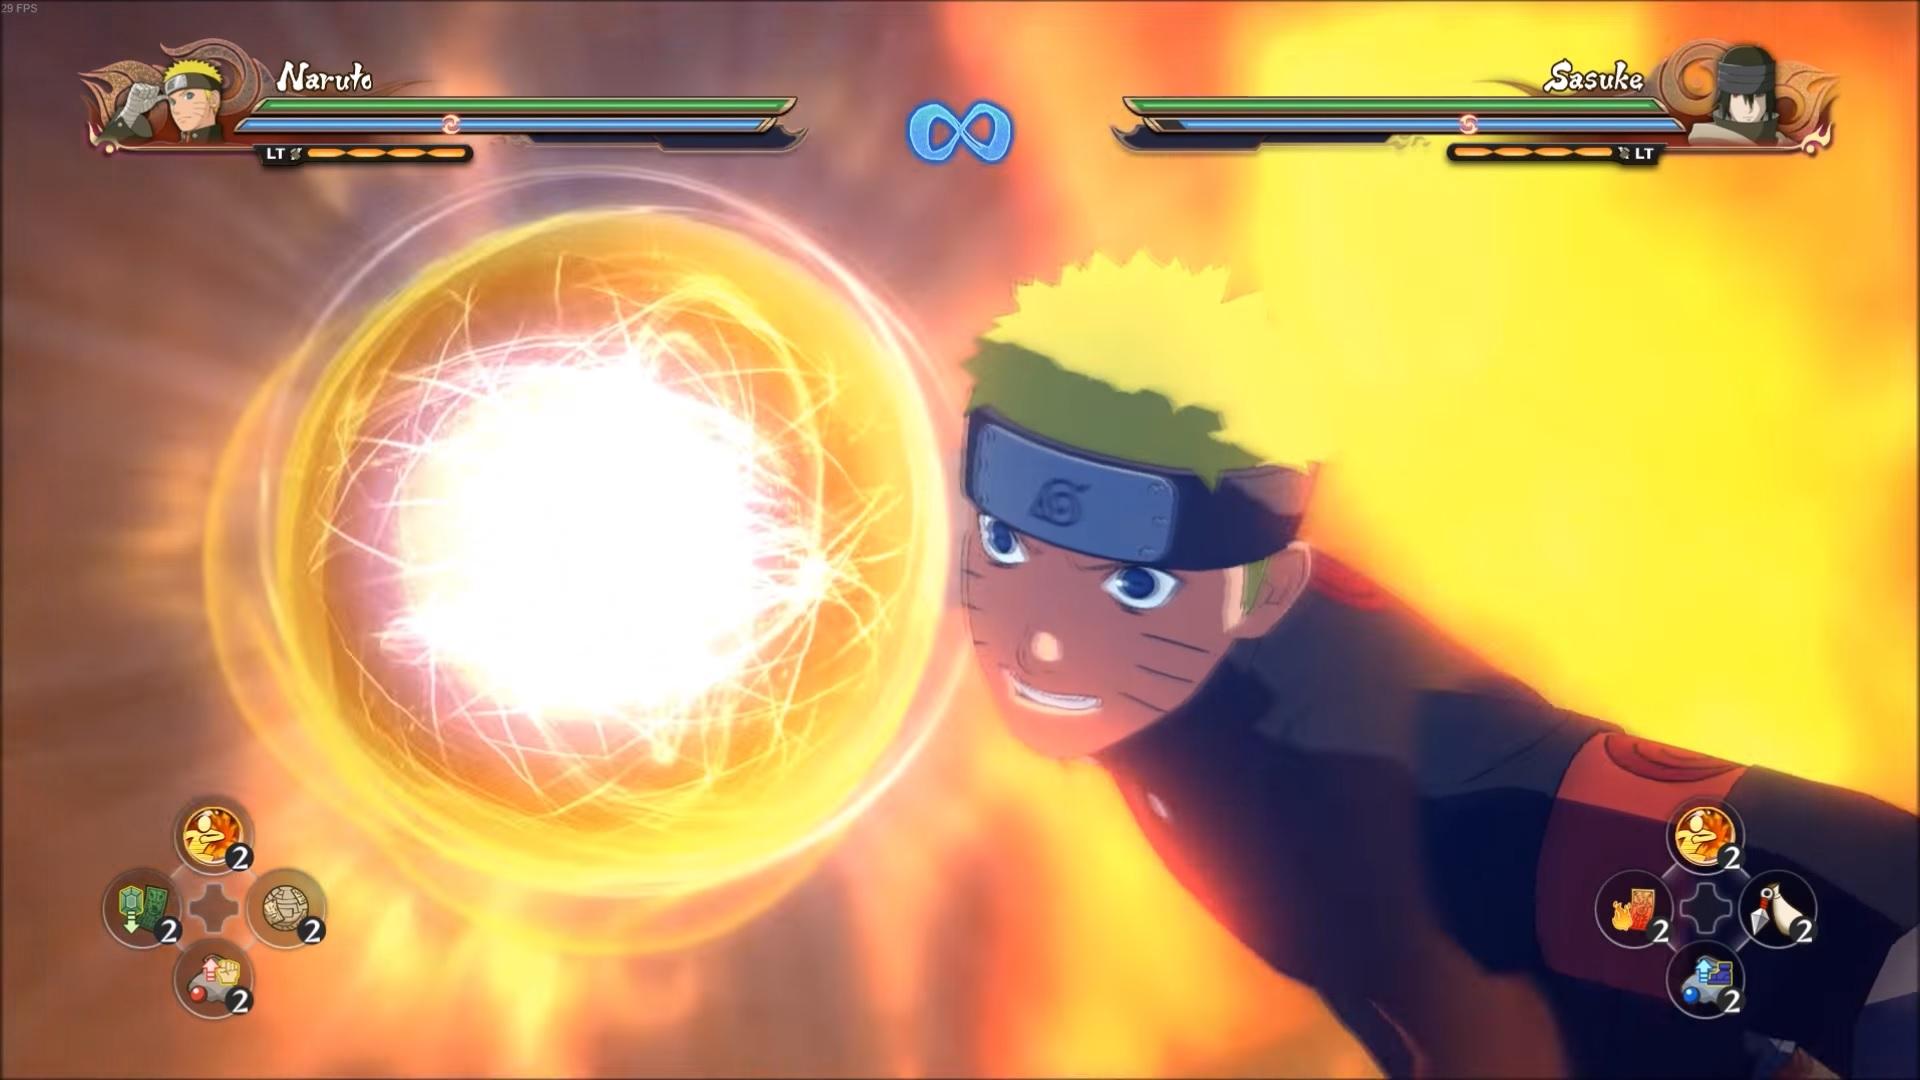 Naruto The Last 2.0